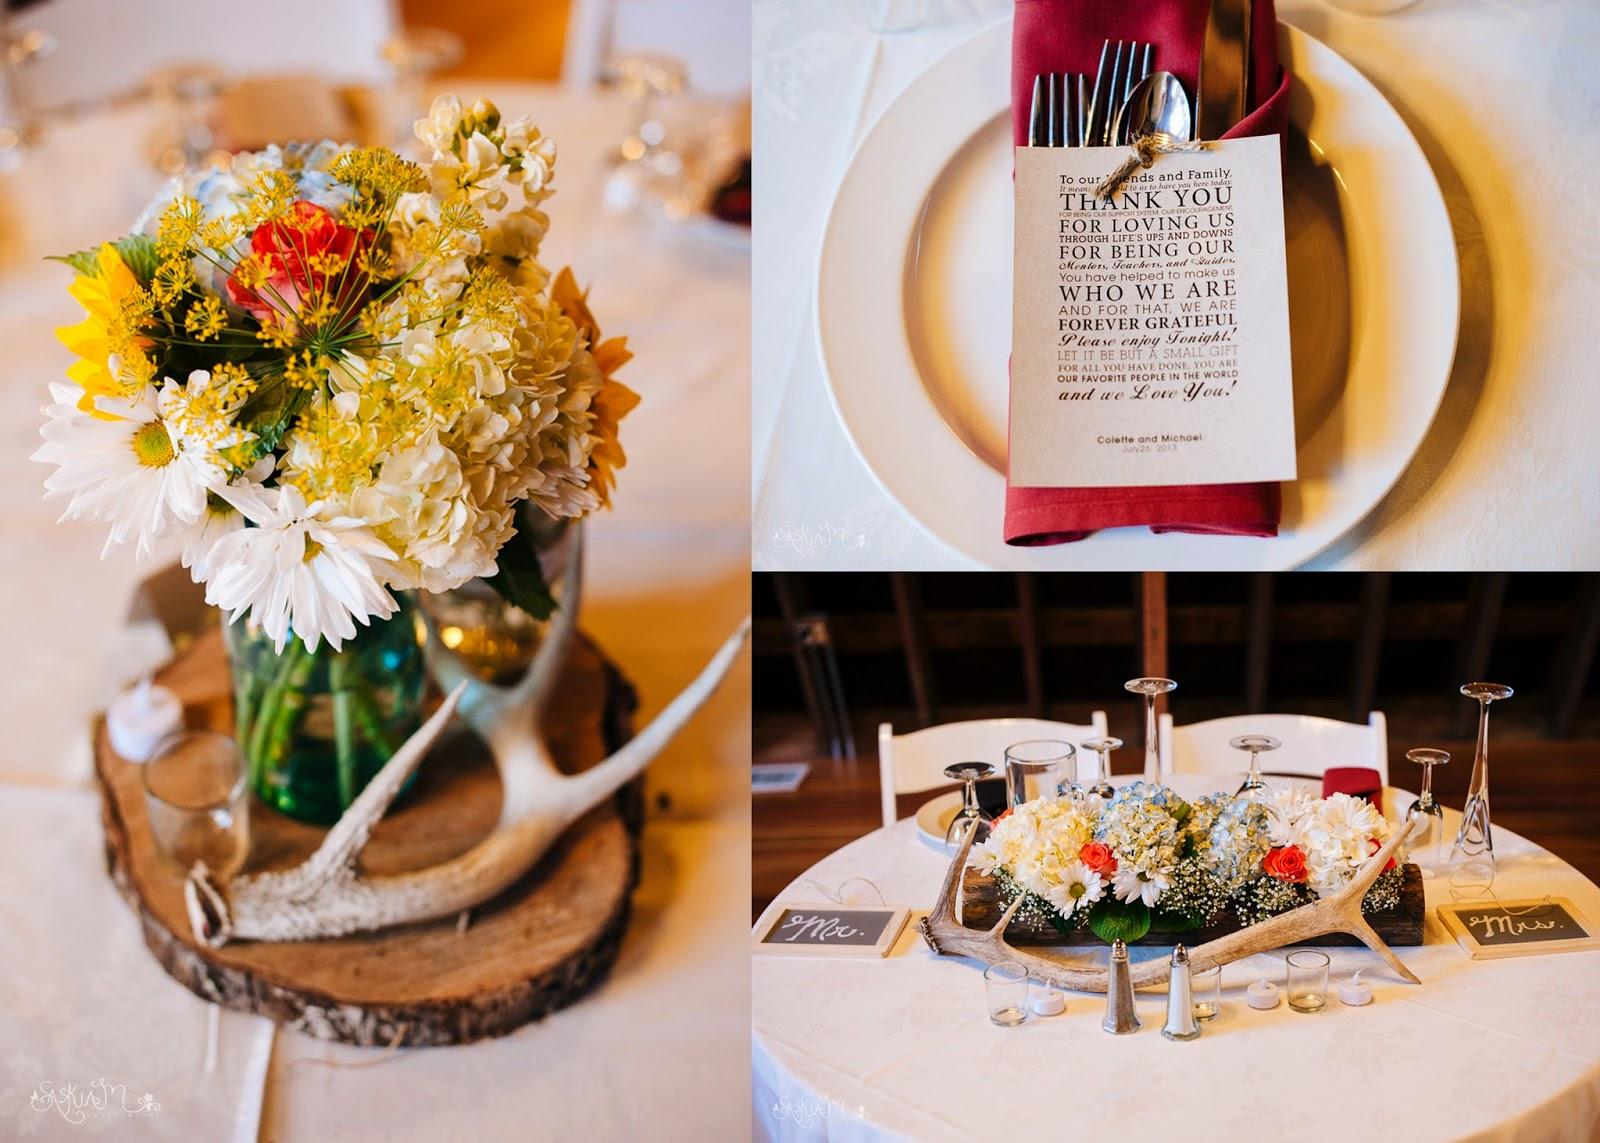 saskia mikeCollette726138 - Wedding Insurance